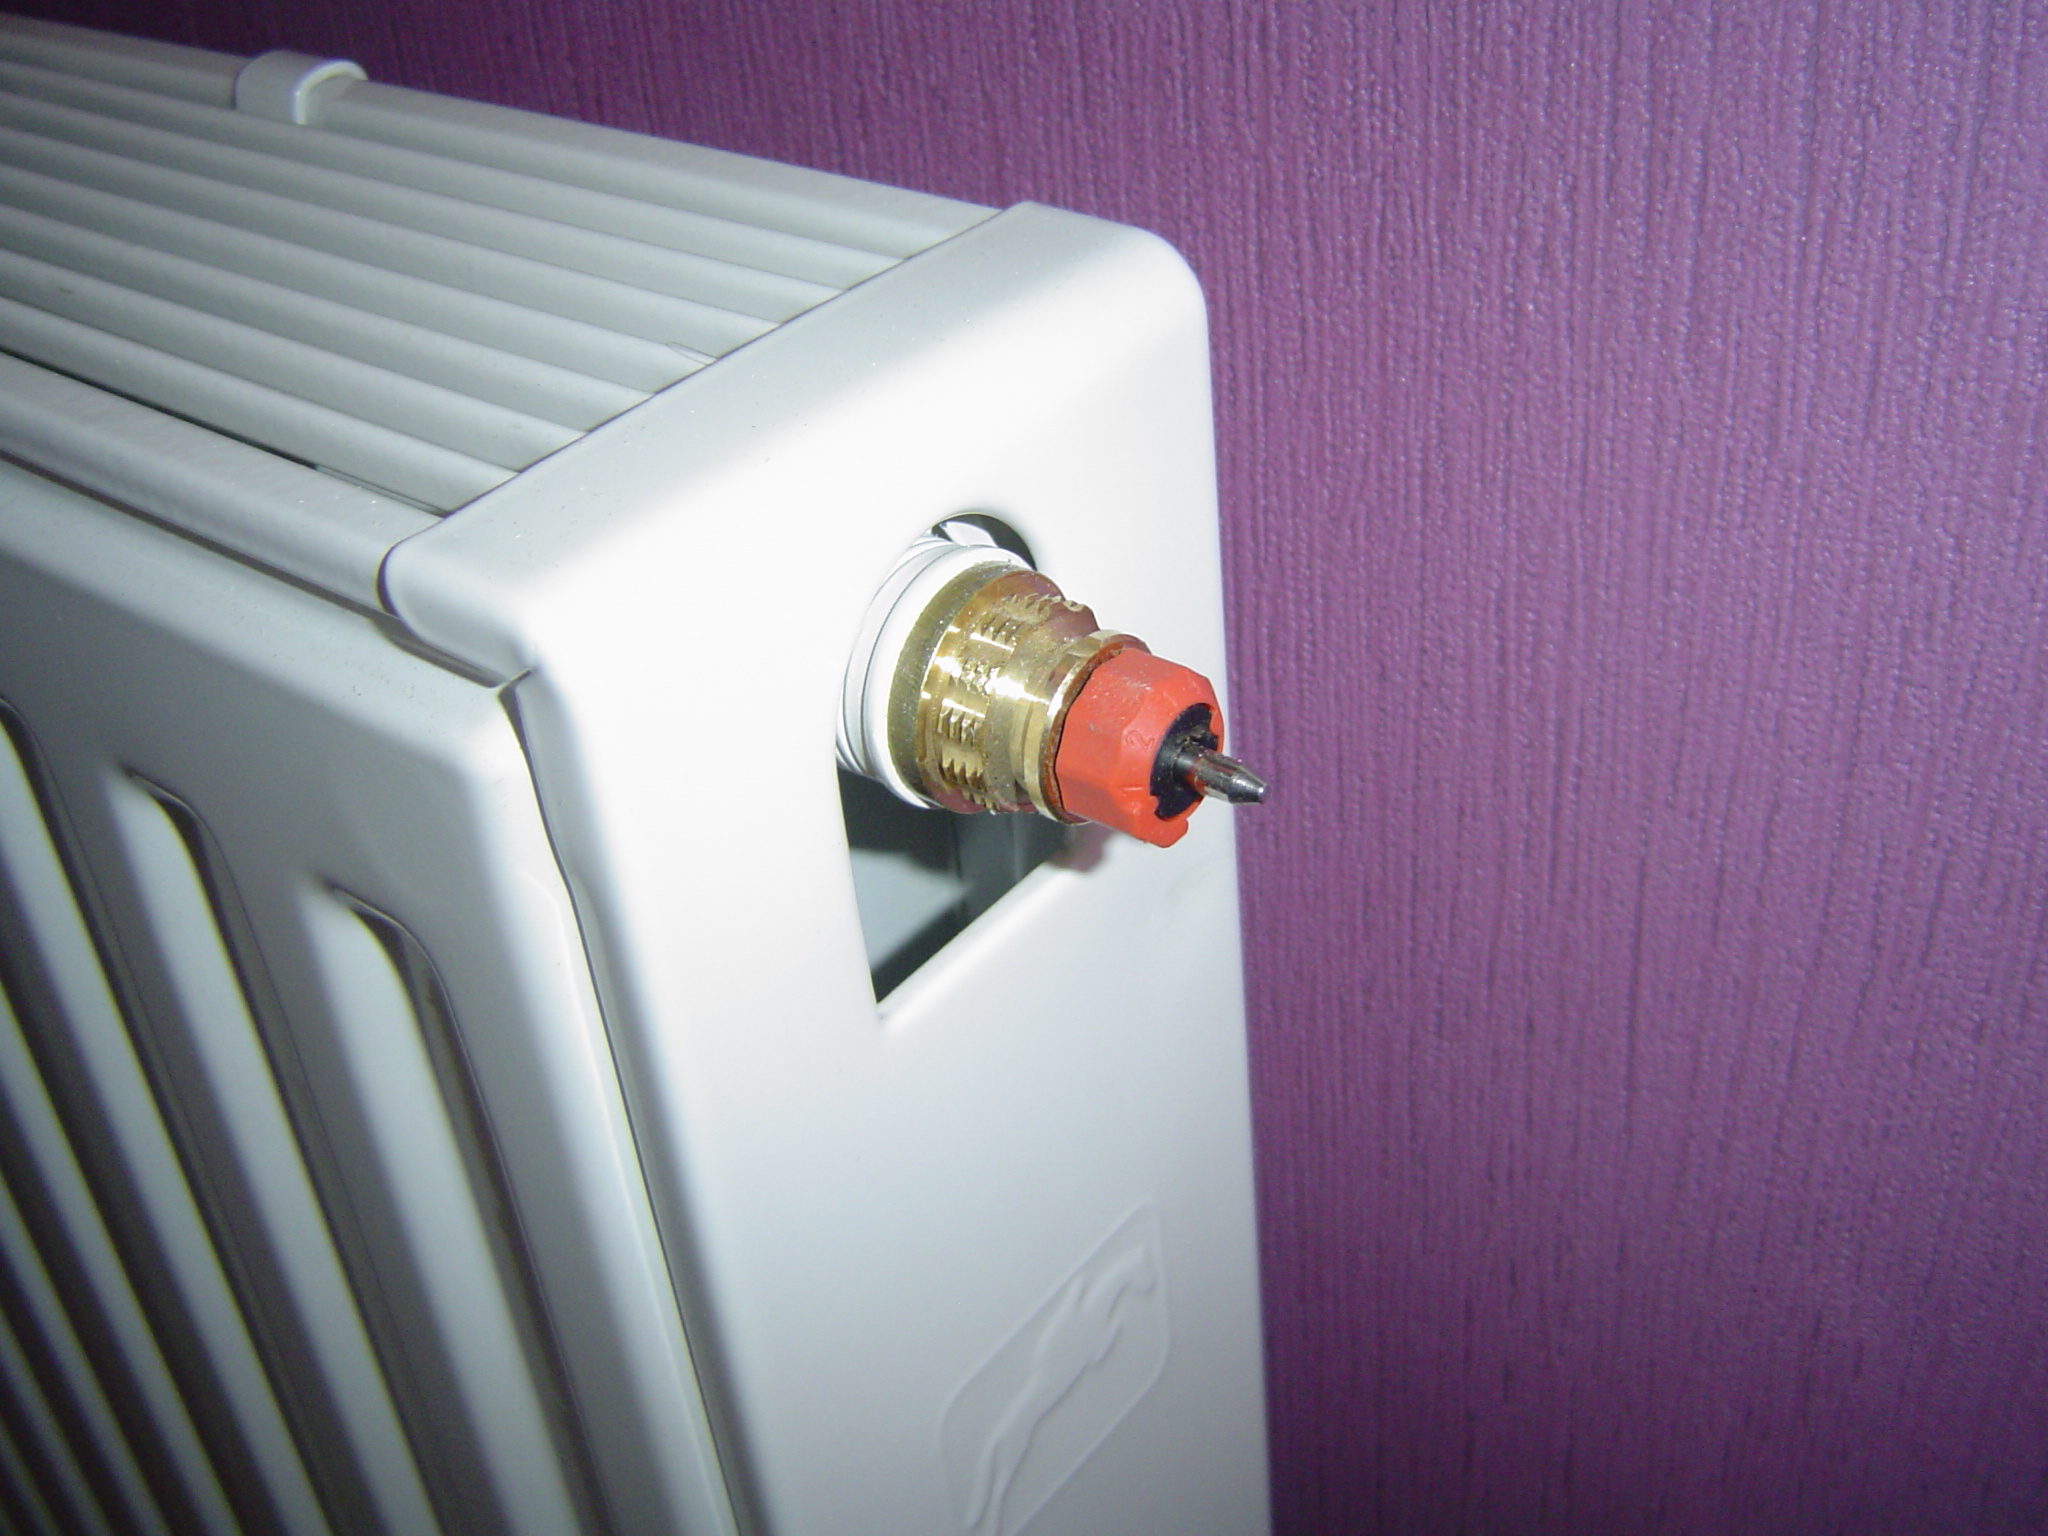 probl me avec un chauffage 1 tuyau chaud et l 39 autre reste froid. Black Bedroom Furniture Sets. Home Design Ideas